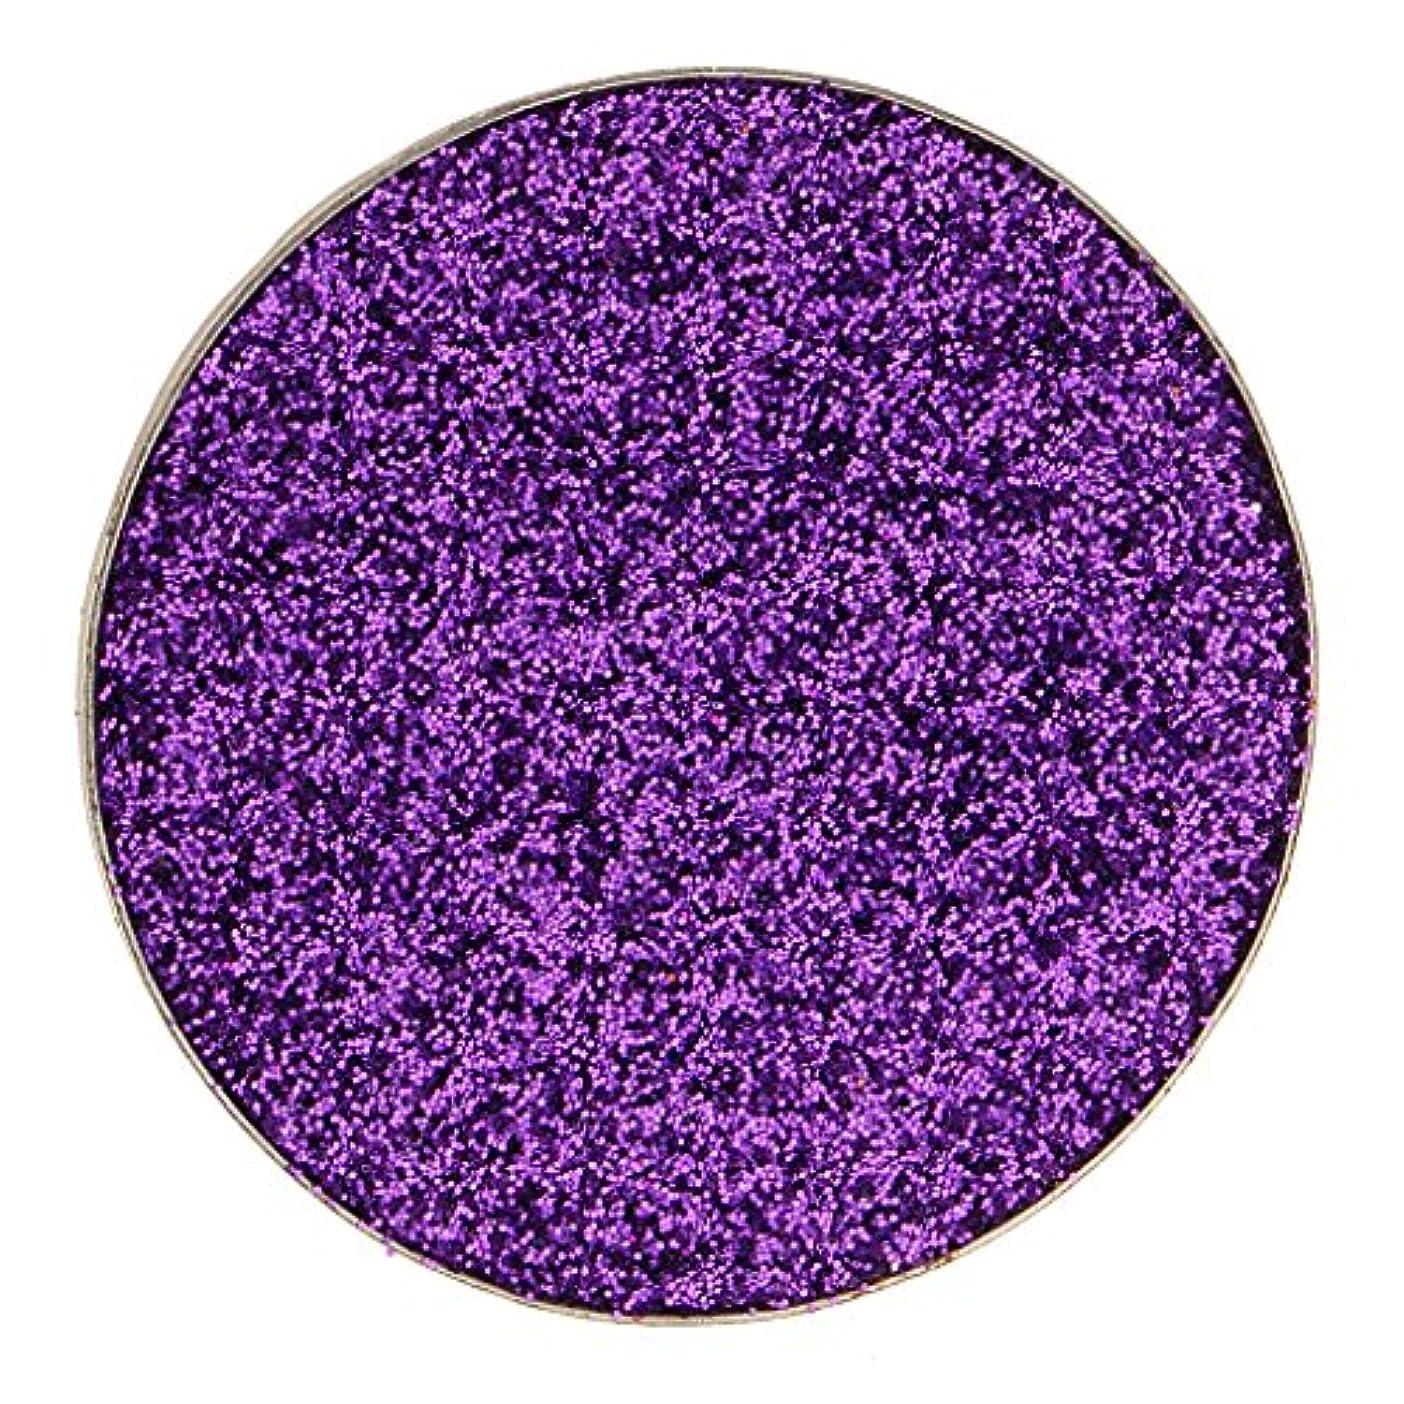 スキッパー素敵な苦しめるKesoto ダイヤモンド キラキラ シマー メイクアップ アイシャドウ 顔料 長持ち 滑らか 全5色 - 紫